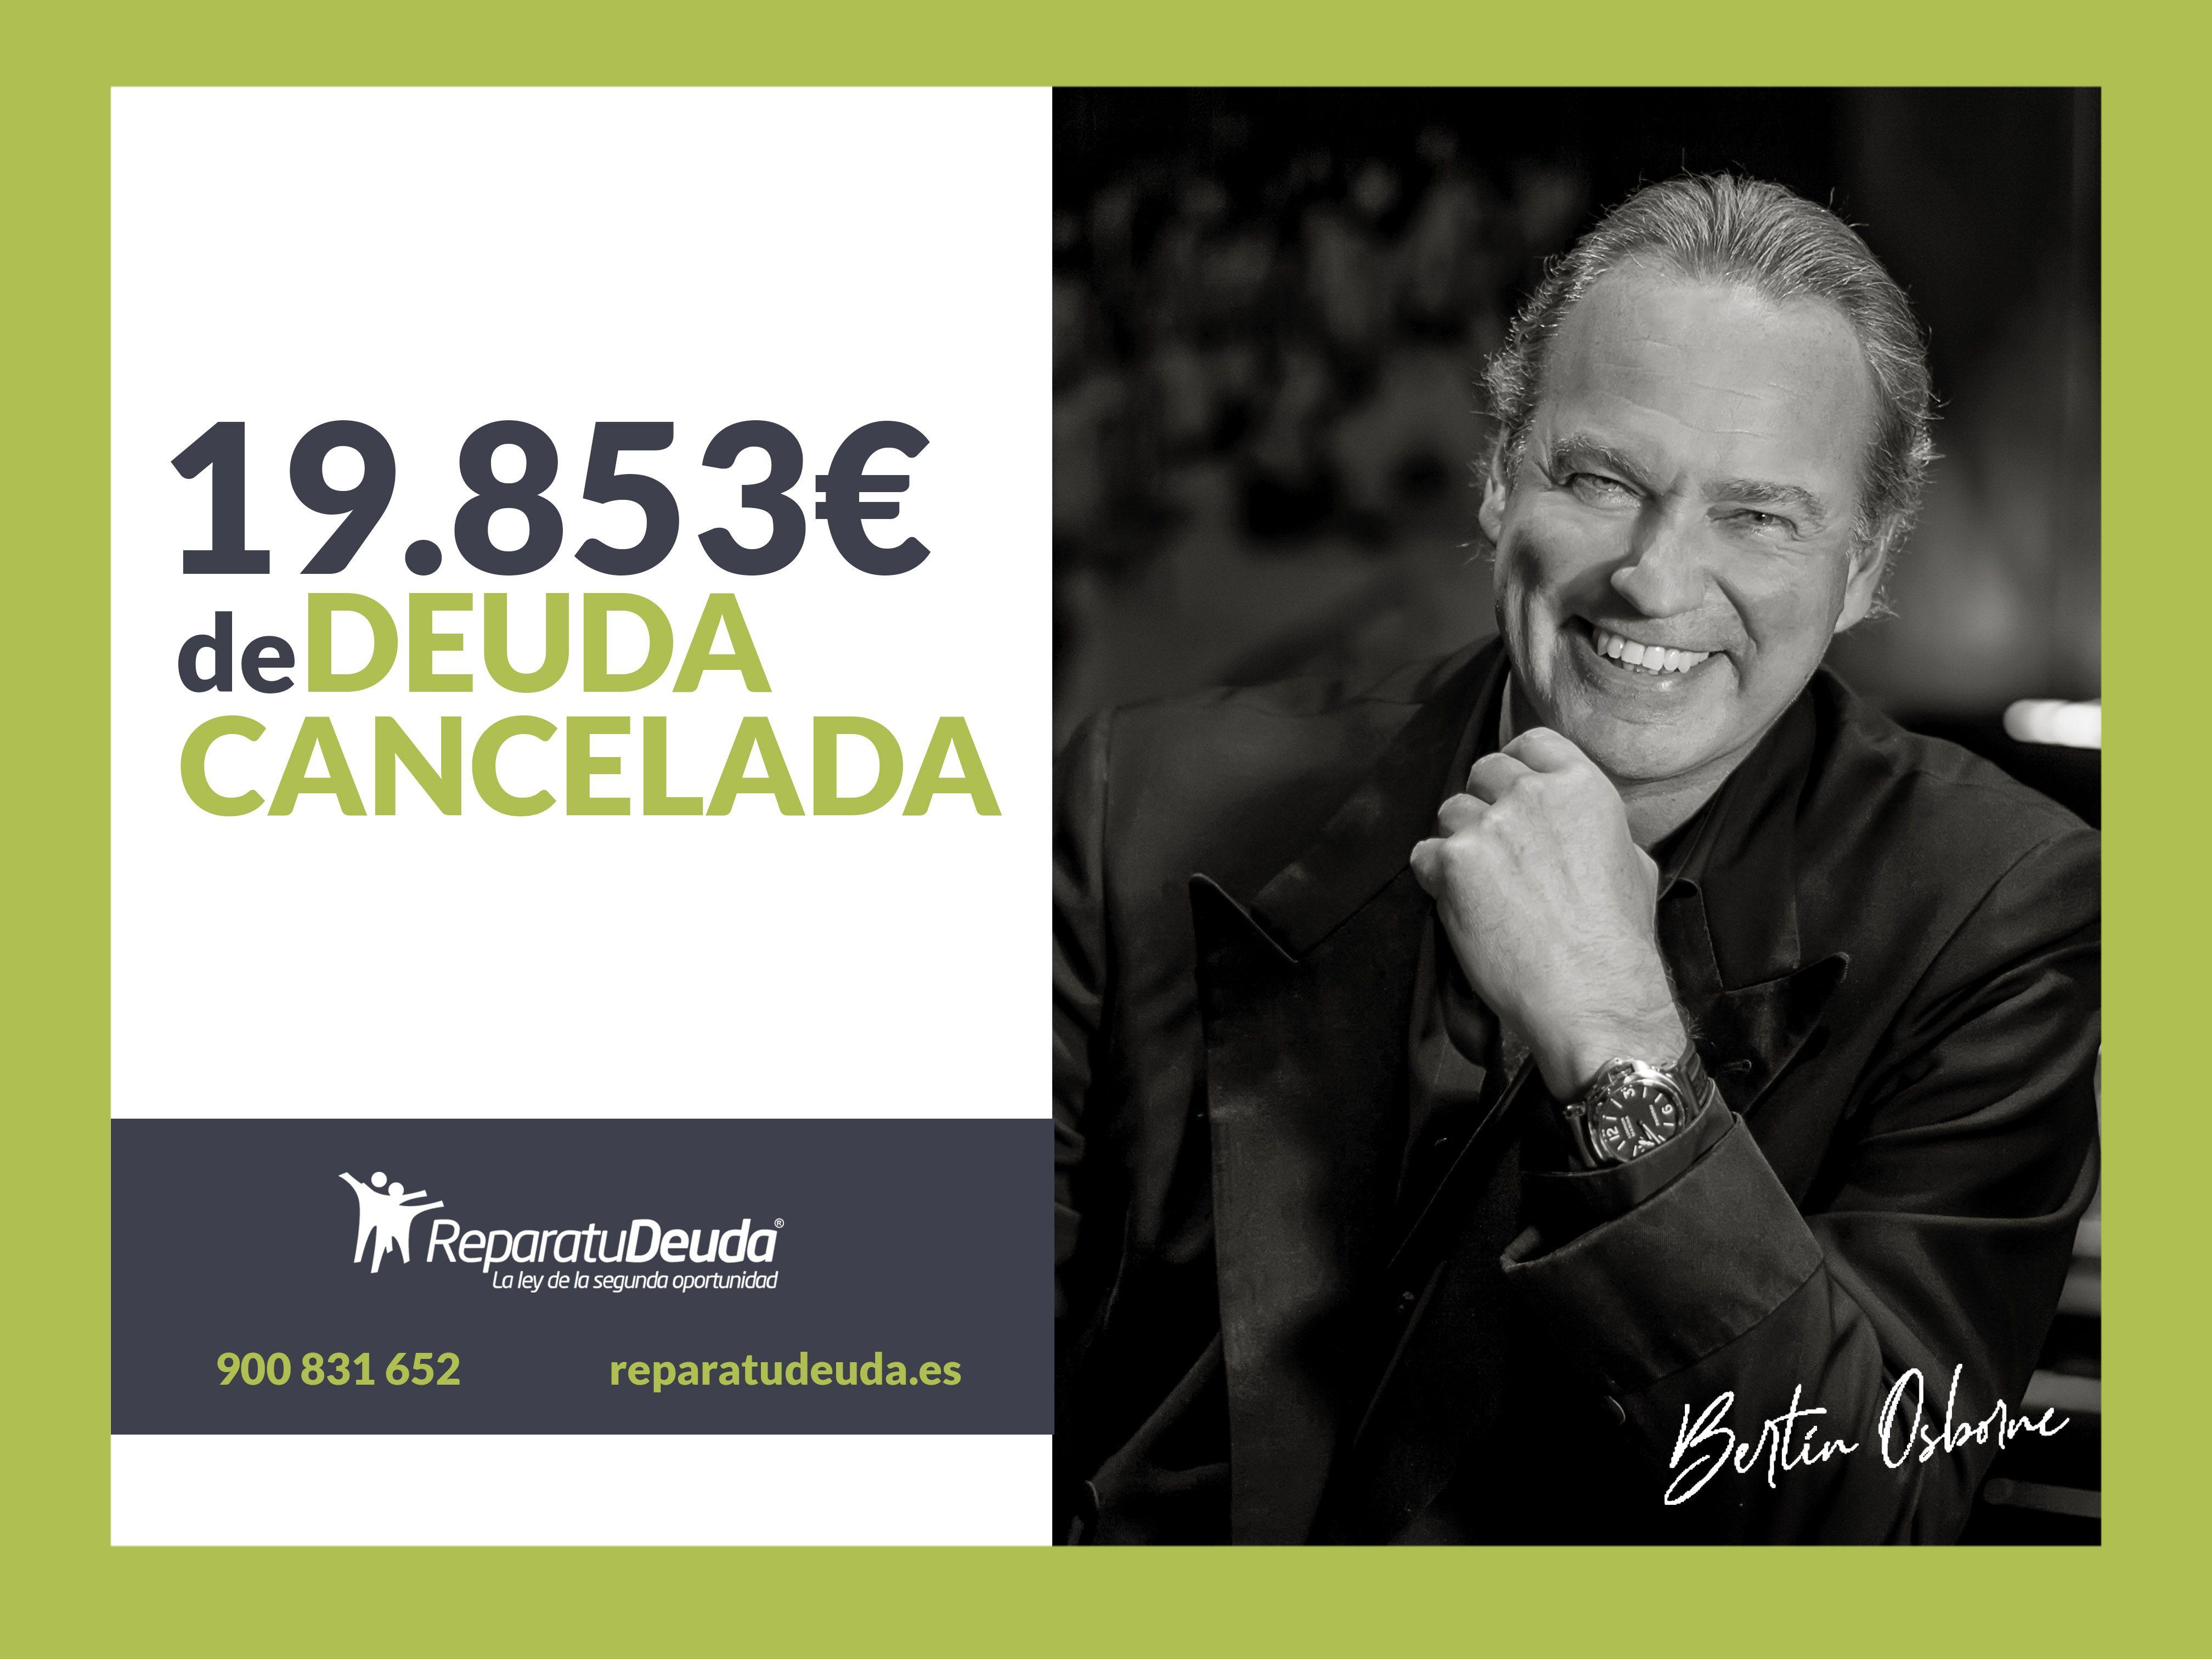 Repara tu deuda Abogados cancela 19.853 ? en Madrid con la Ley de la Segunda oportunidad